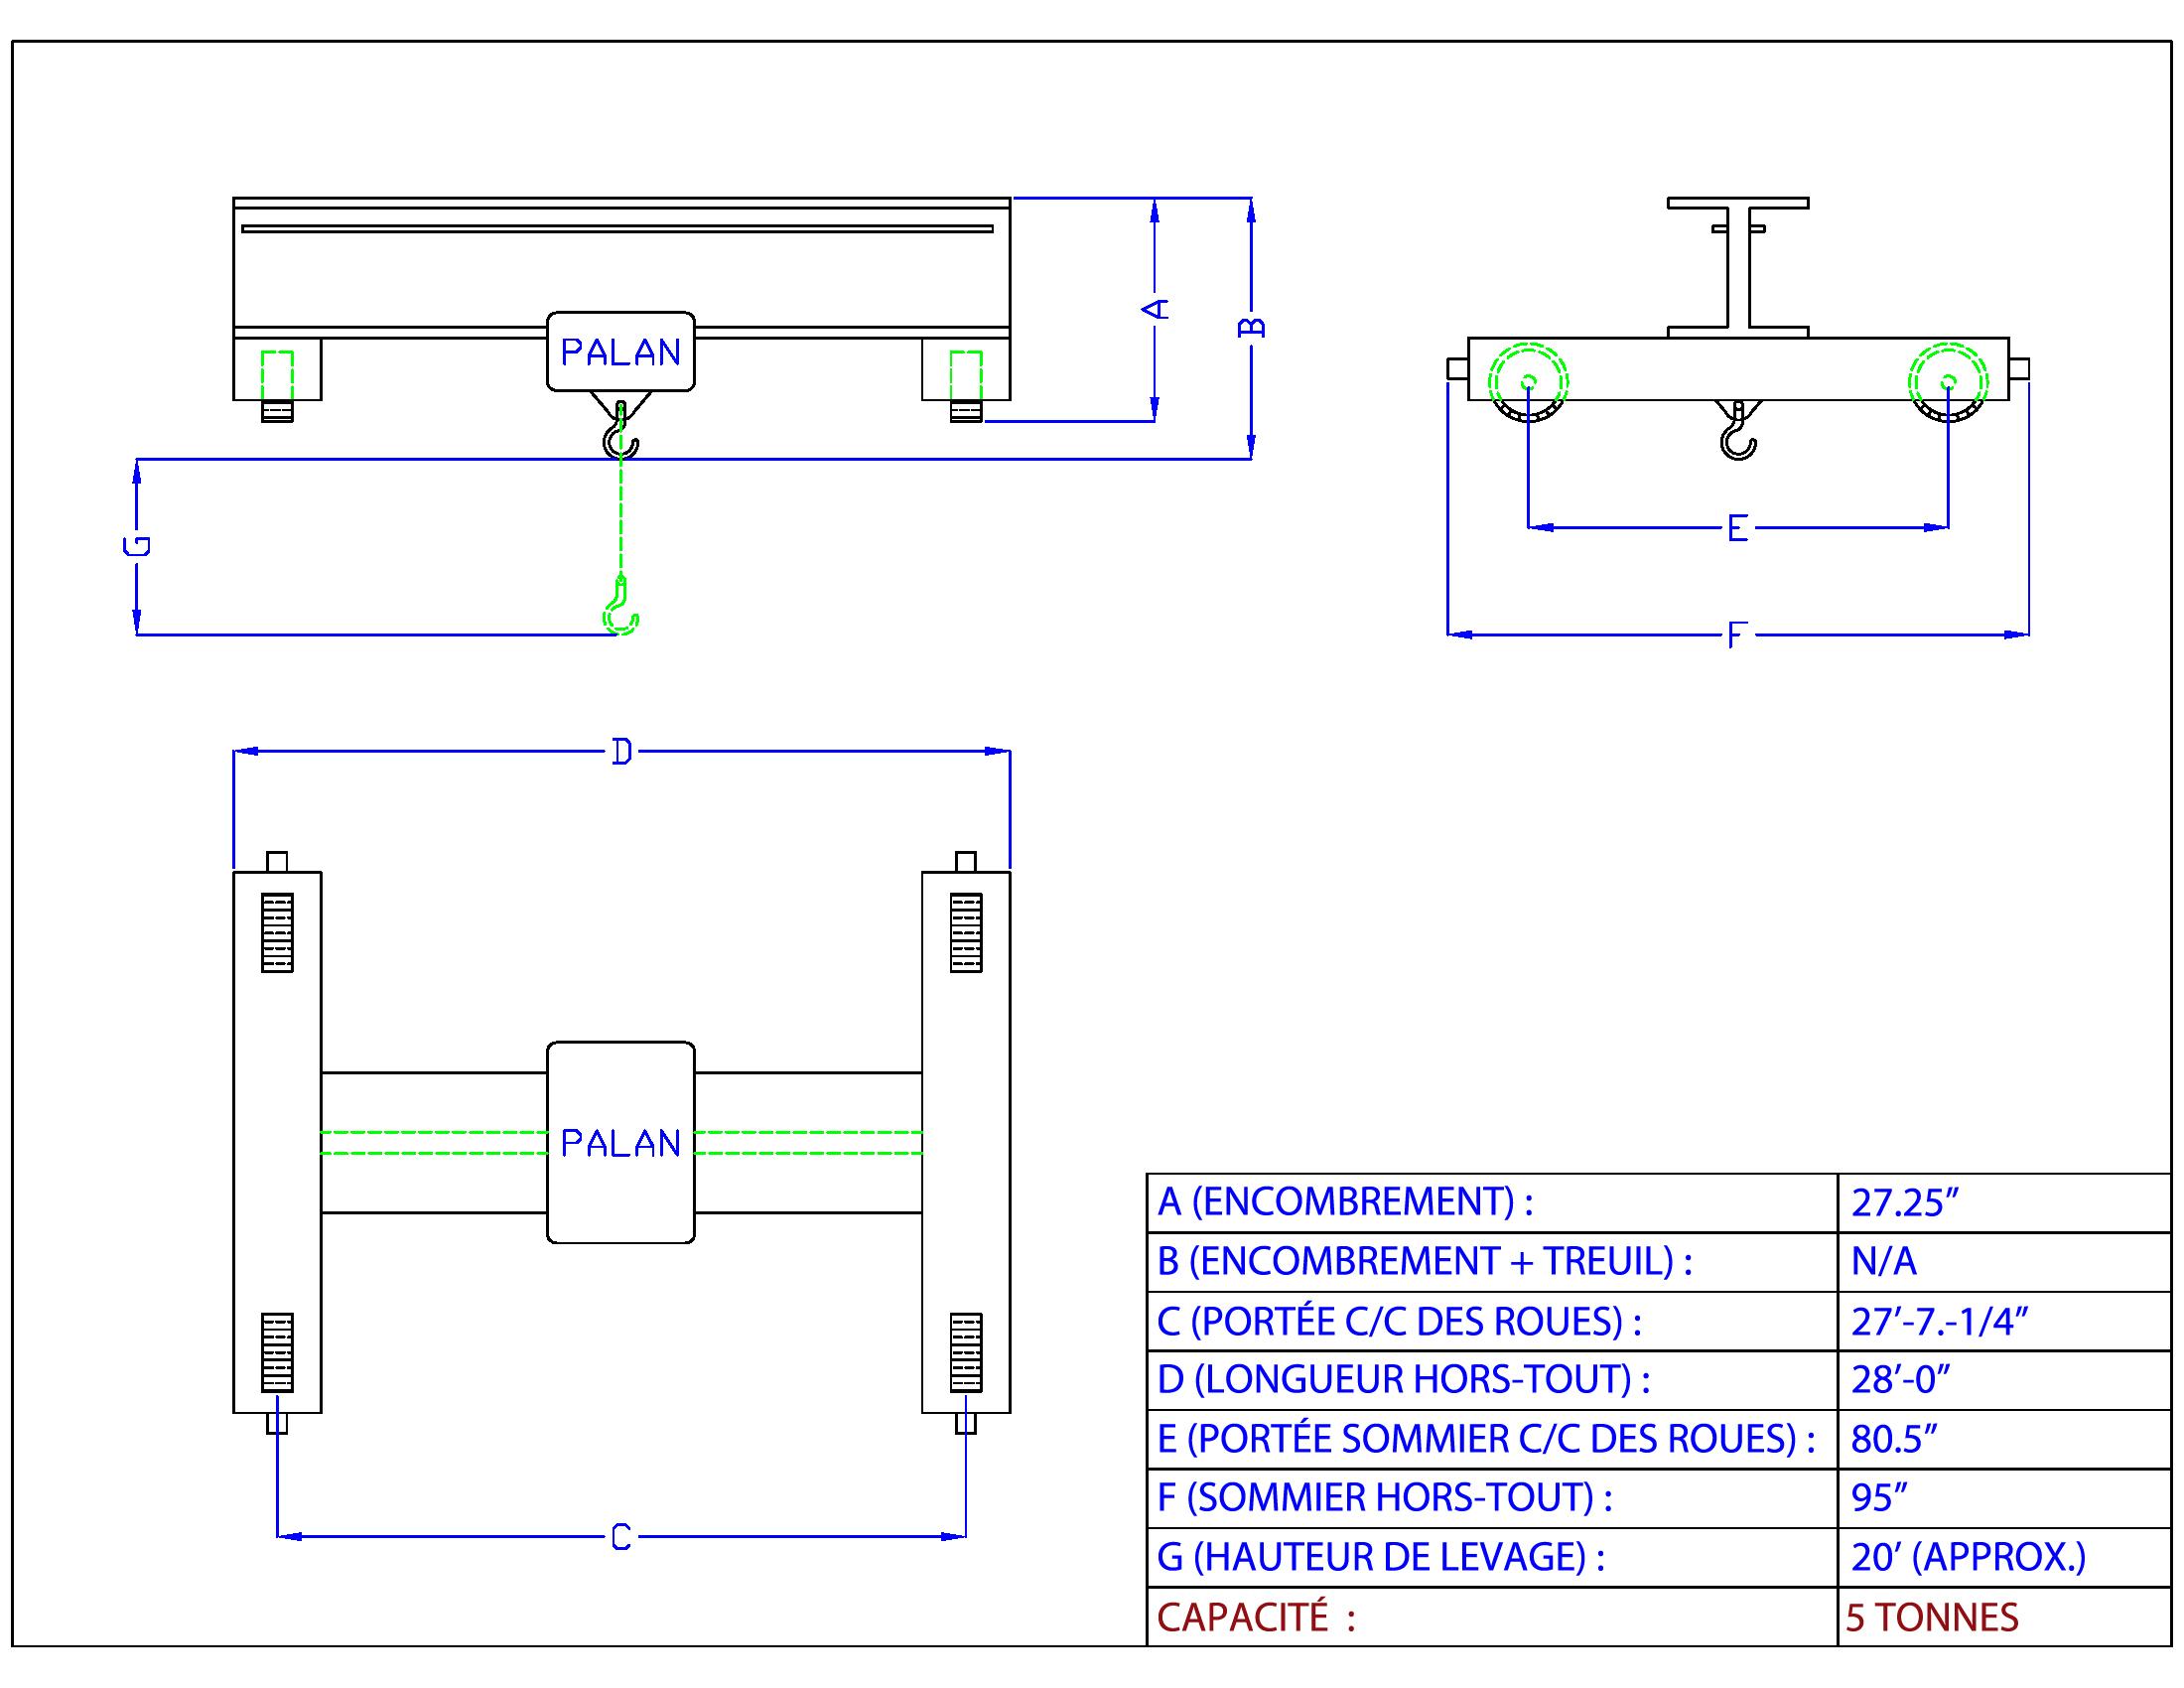 demag wiring diagram demag crane wiring diagram wiring diagram Demag Hoist Wiring-Diagram